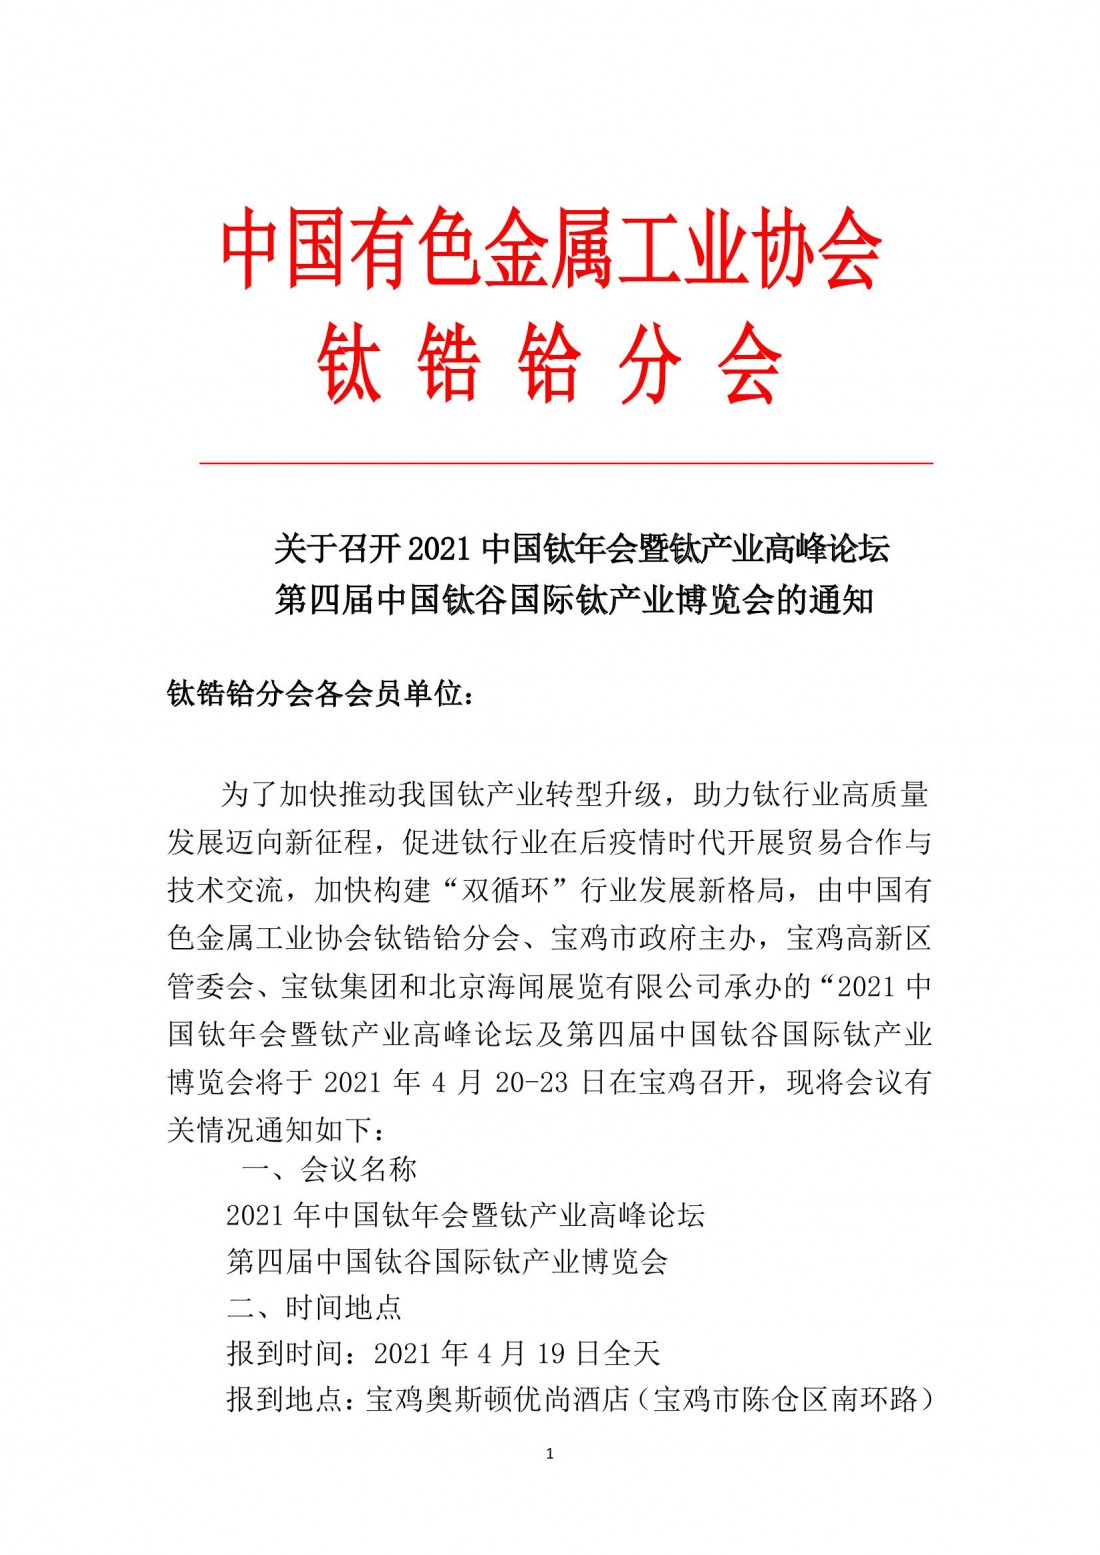 2021钛博会即将在宝鸡·中国钛谷召开